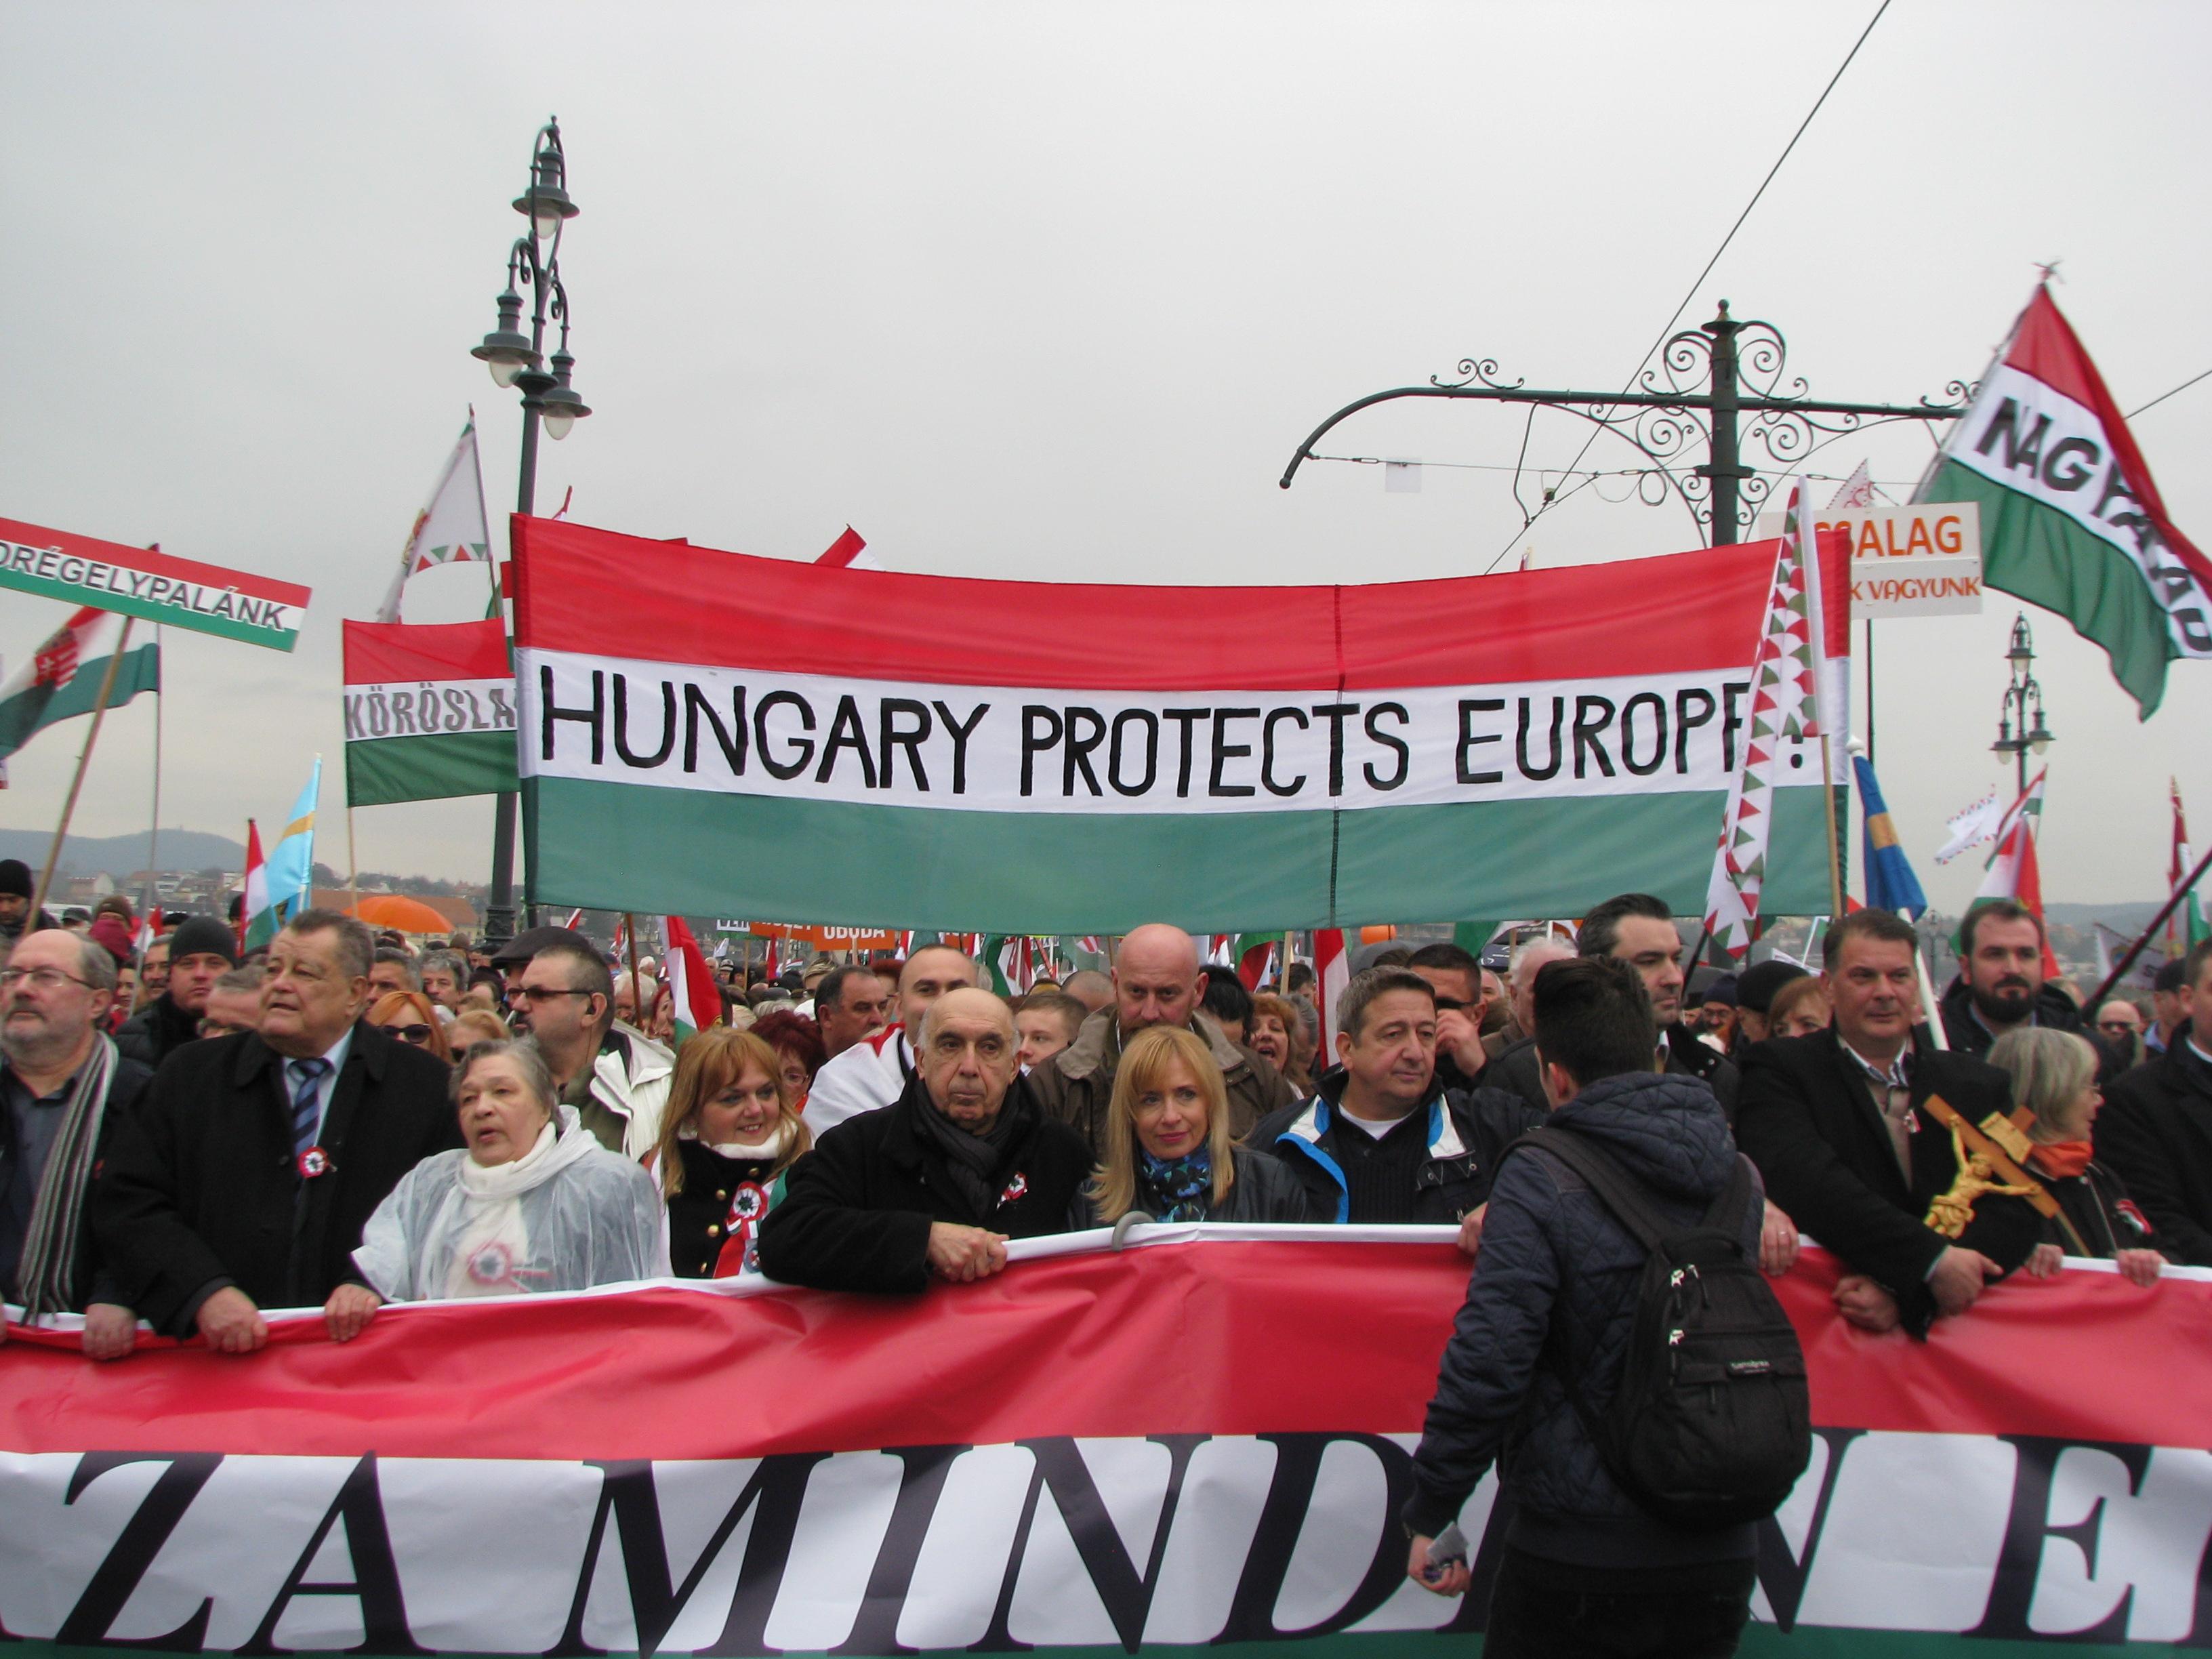 Kiri ungari rahvale